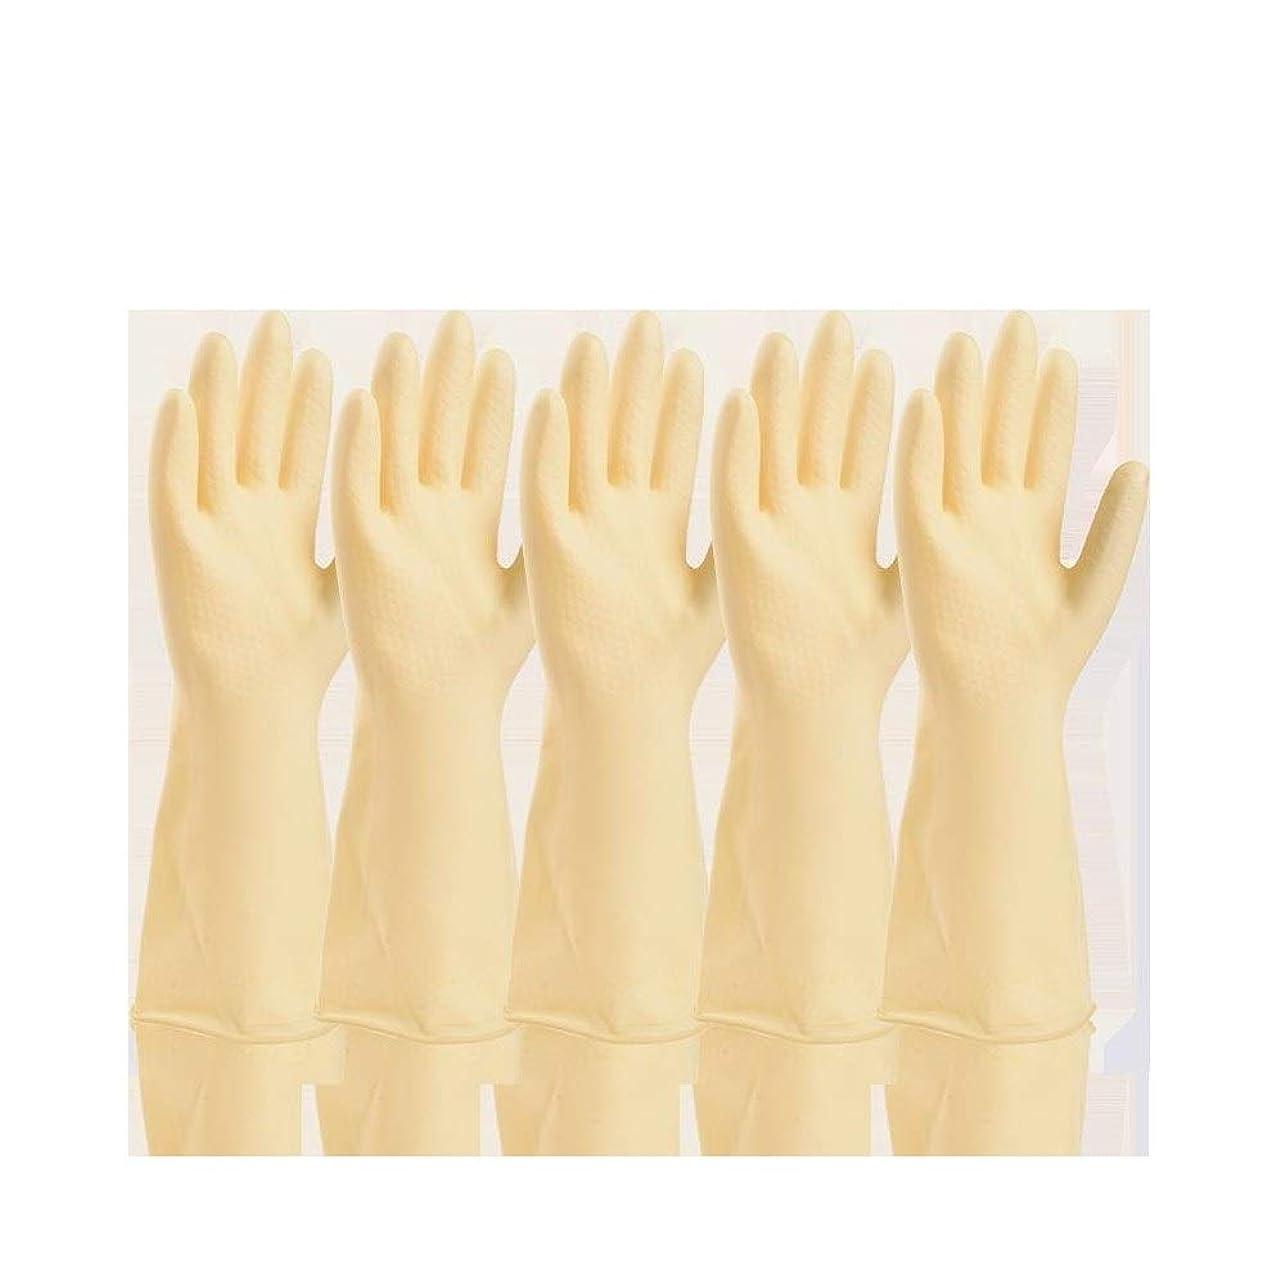 バーゲン酒落ち着いたニトリルゴム手袋 工業用手袋厚手のプラスチック製保護用耐水性防水ラテックス手袋、5ペア 使い捨て手袋 (Color : White, Size : L)